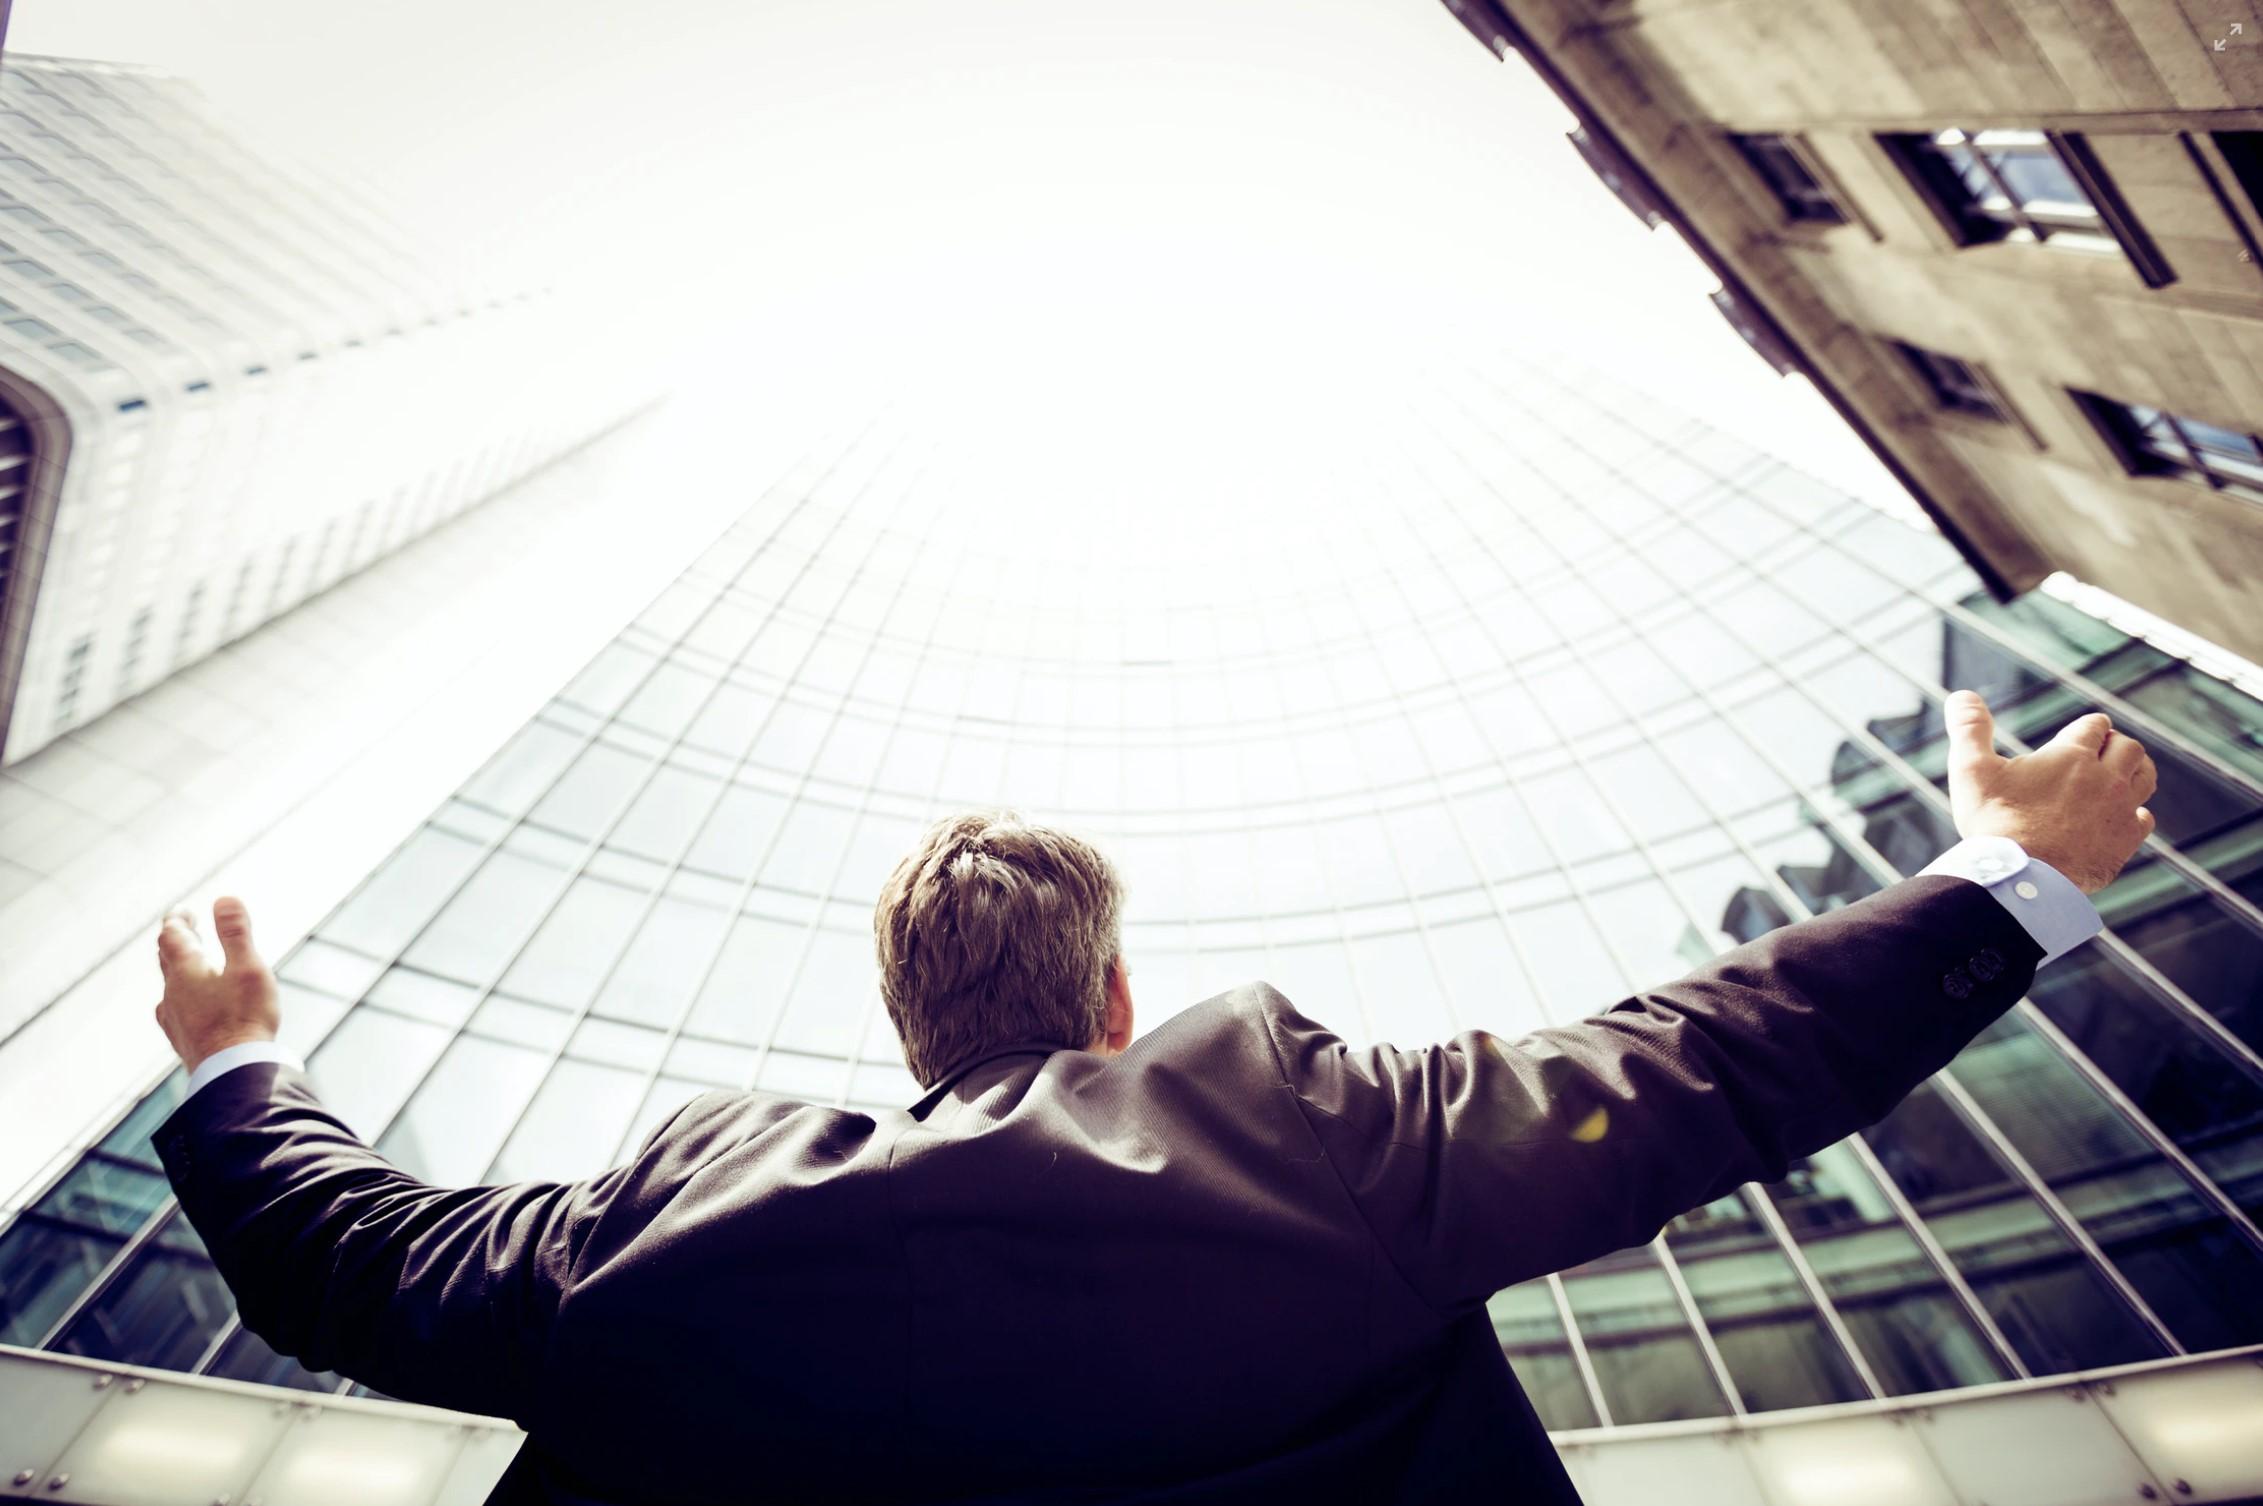 Duurzaamheid steeds belangrijker bij waardering MKB bij bedrijfsovername